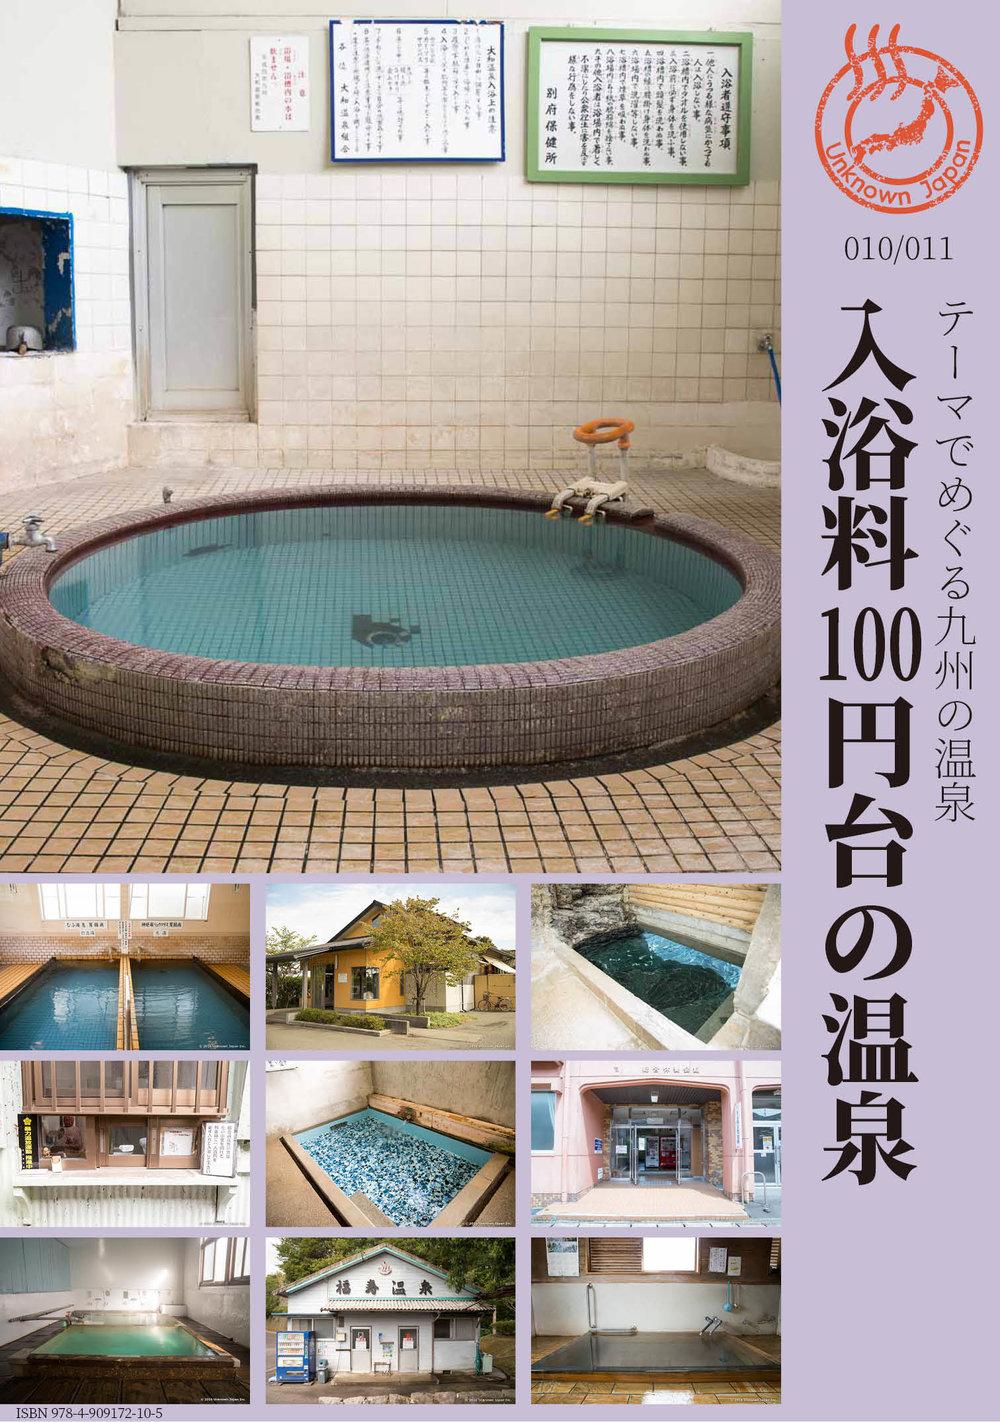 電子書籍「テーマでめぐる九州の温泉 010_入浴料100円台の温泉」    390円(税込)